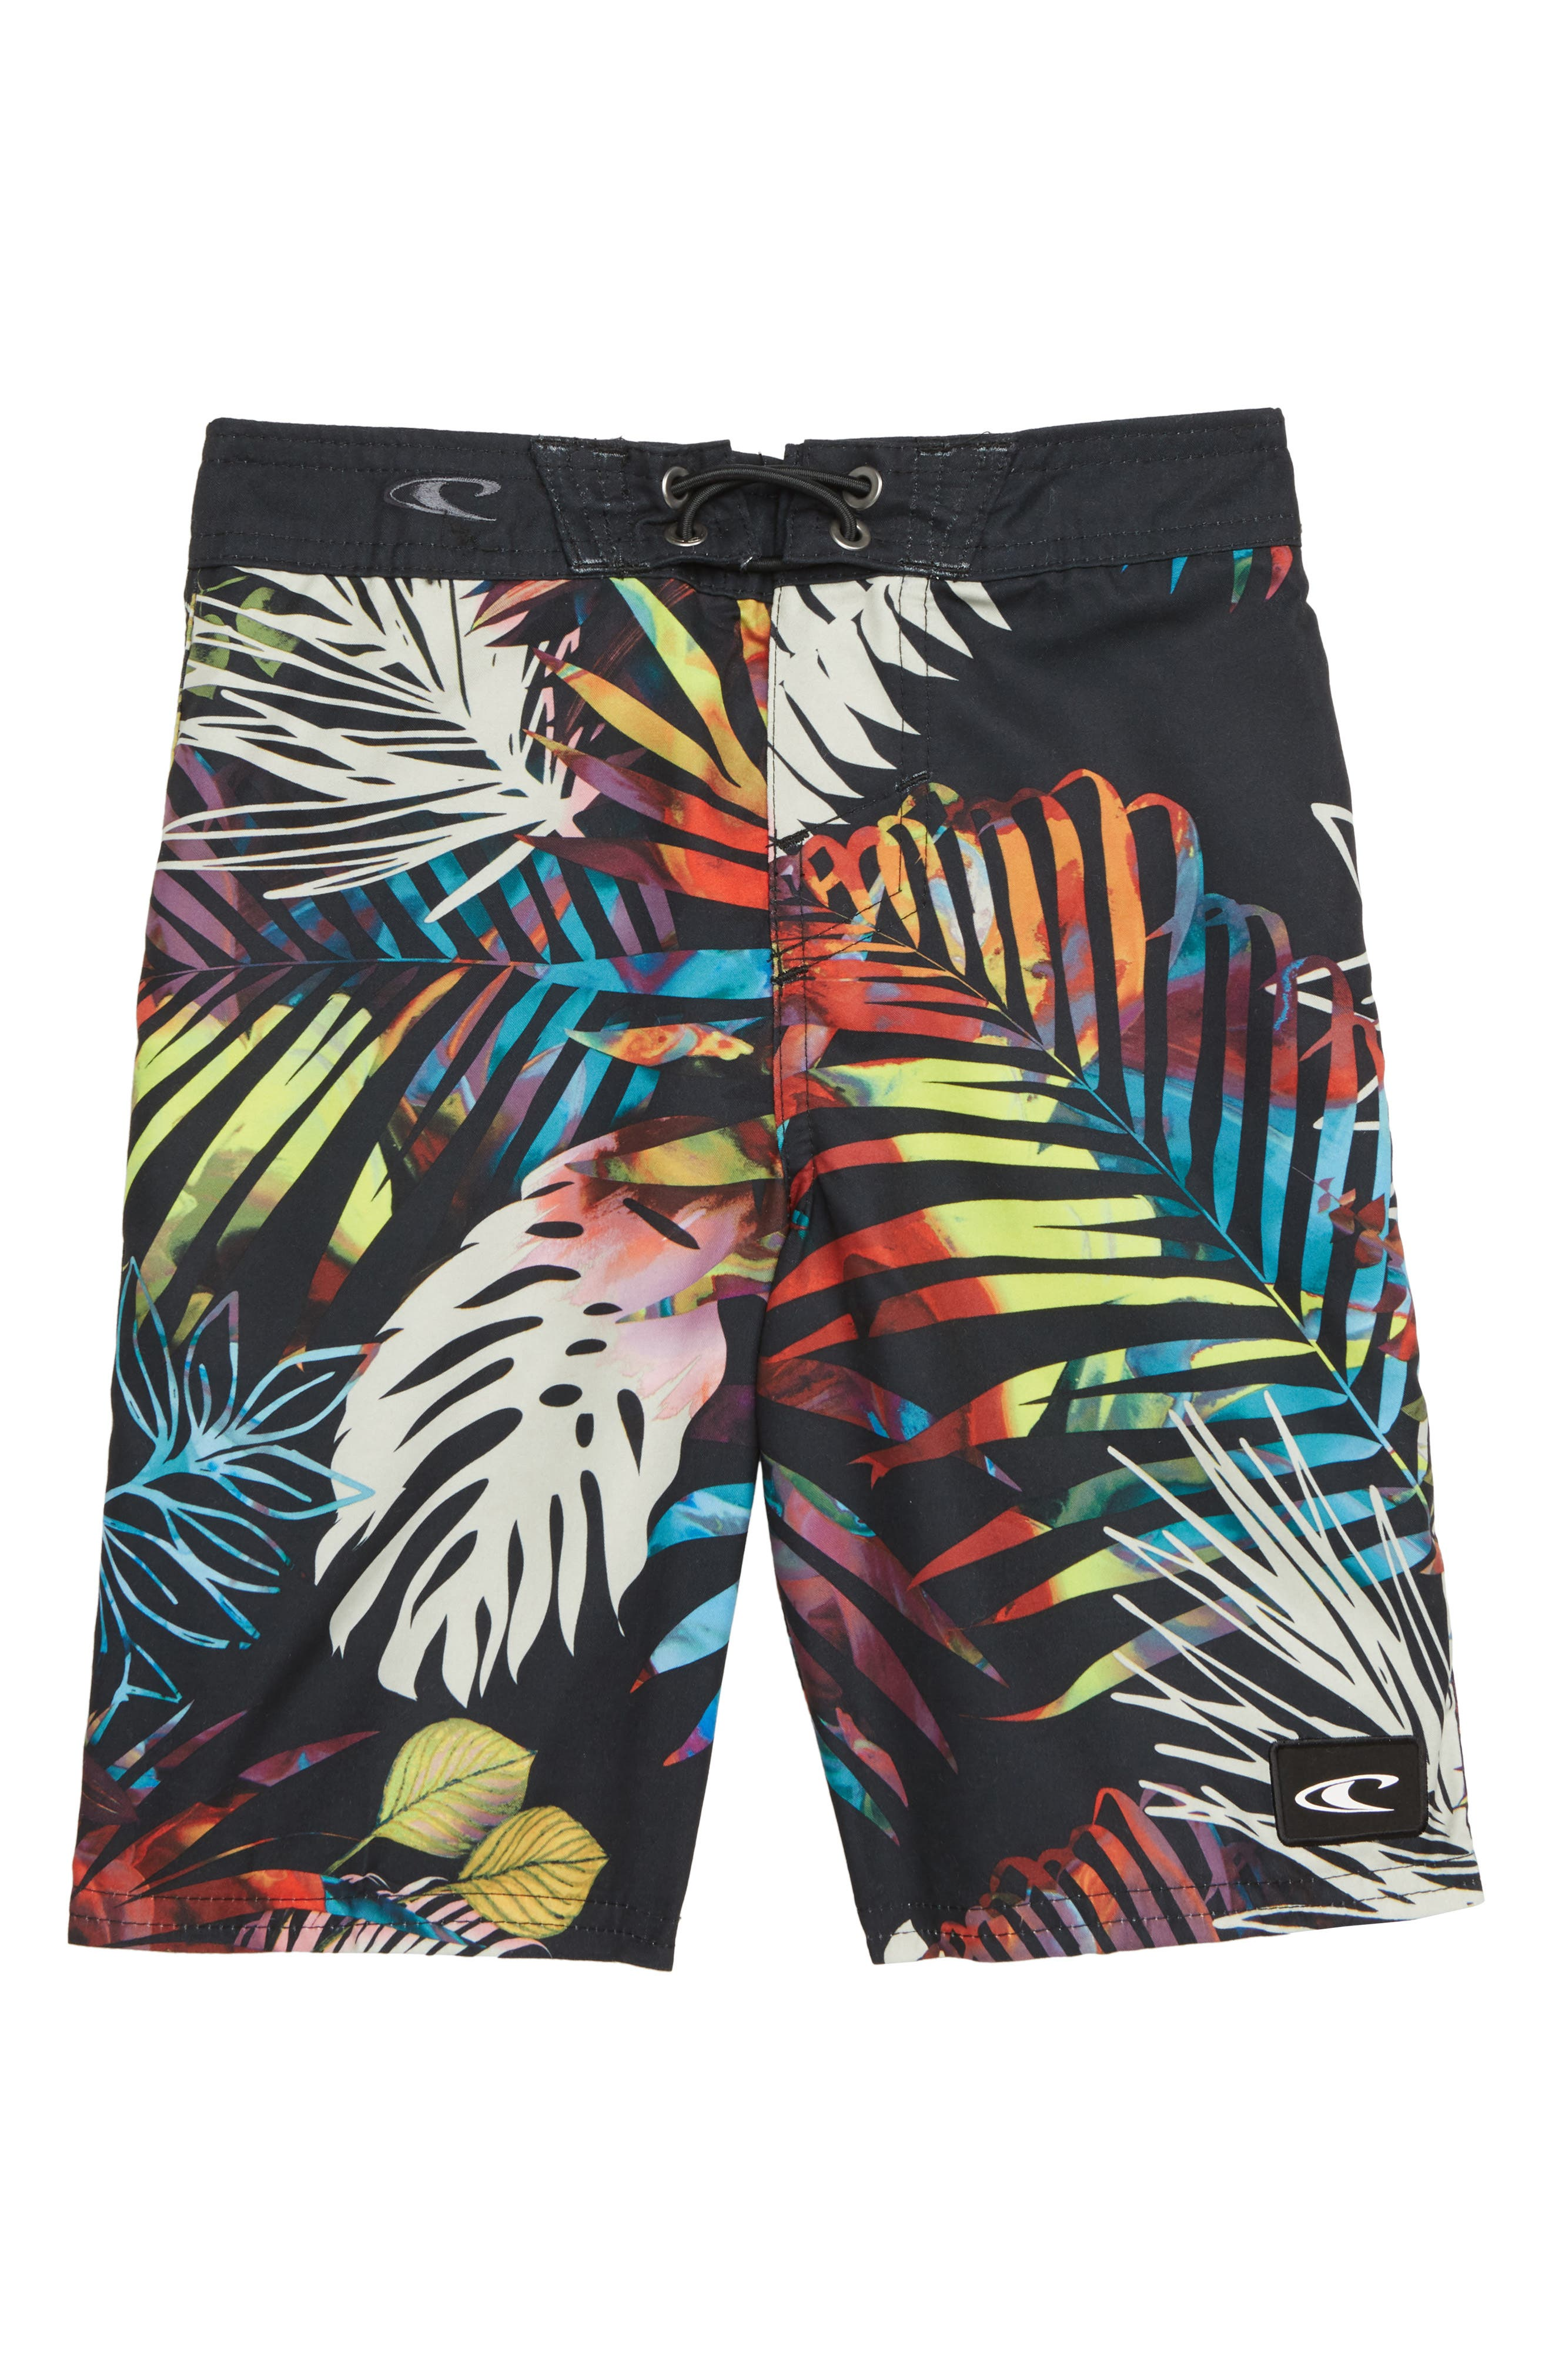 Mondaze Board Shorts,                         Main,                         color, MULTI